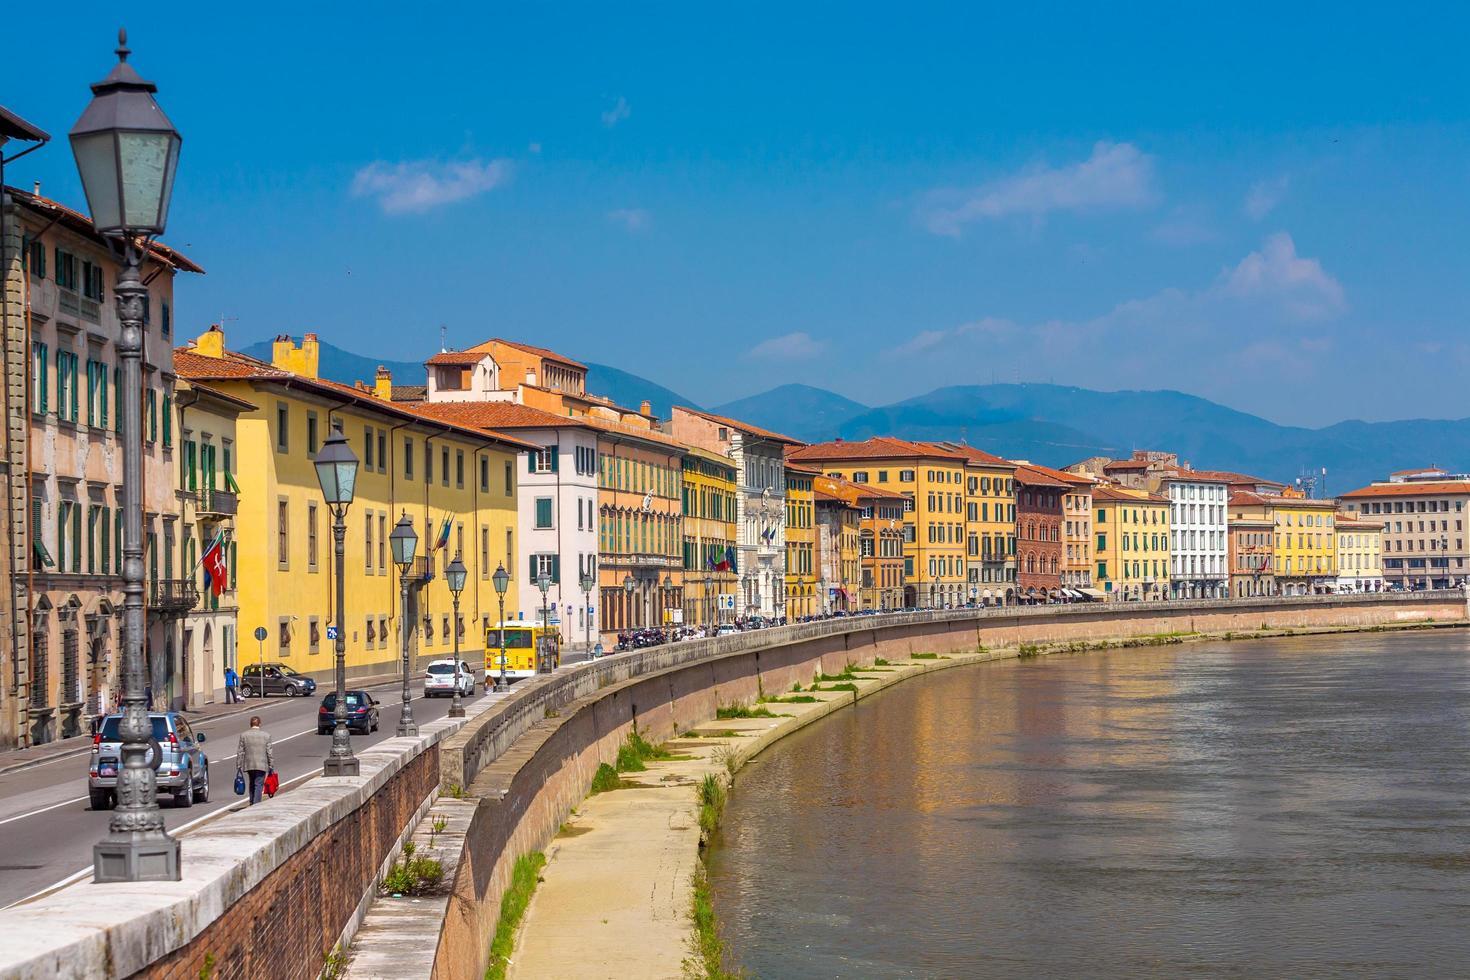 alte Architektur und Fluss Arno foto